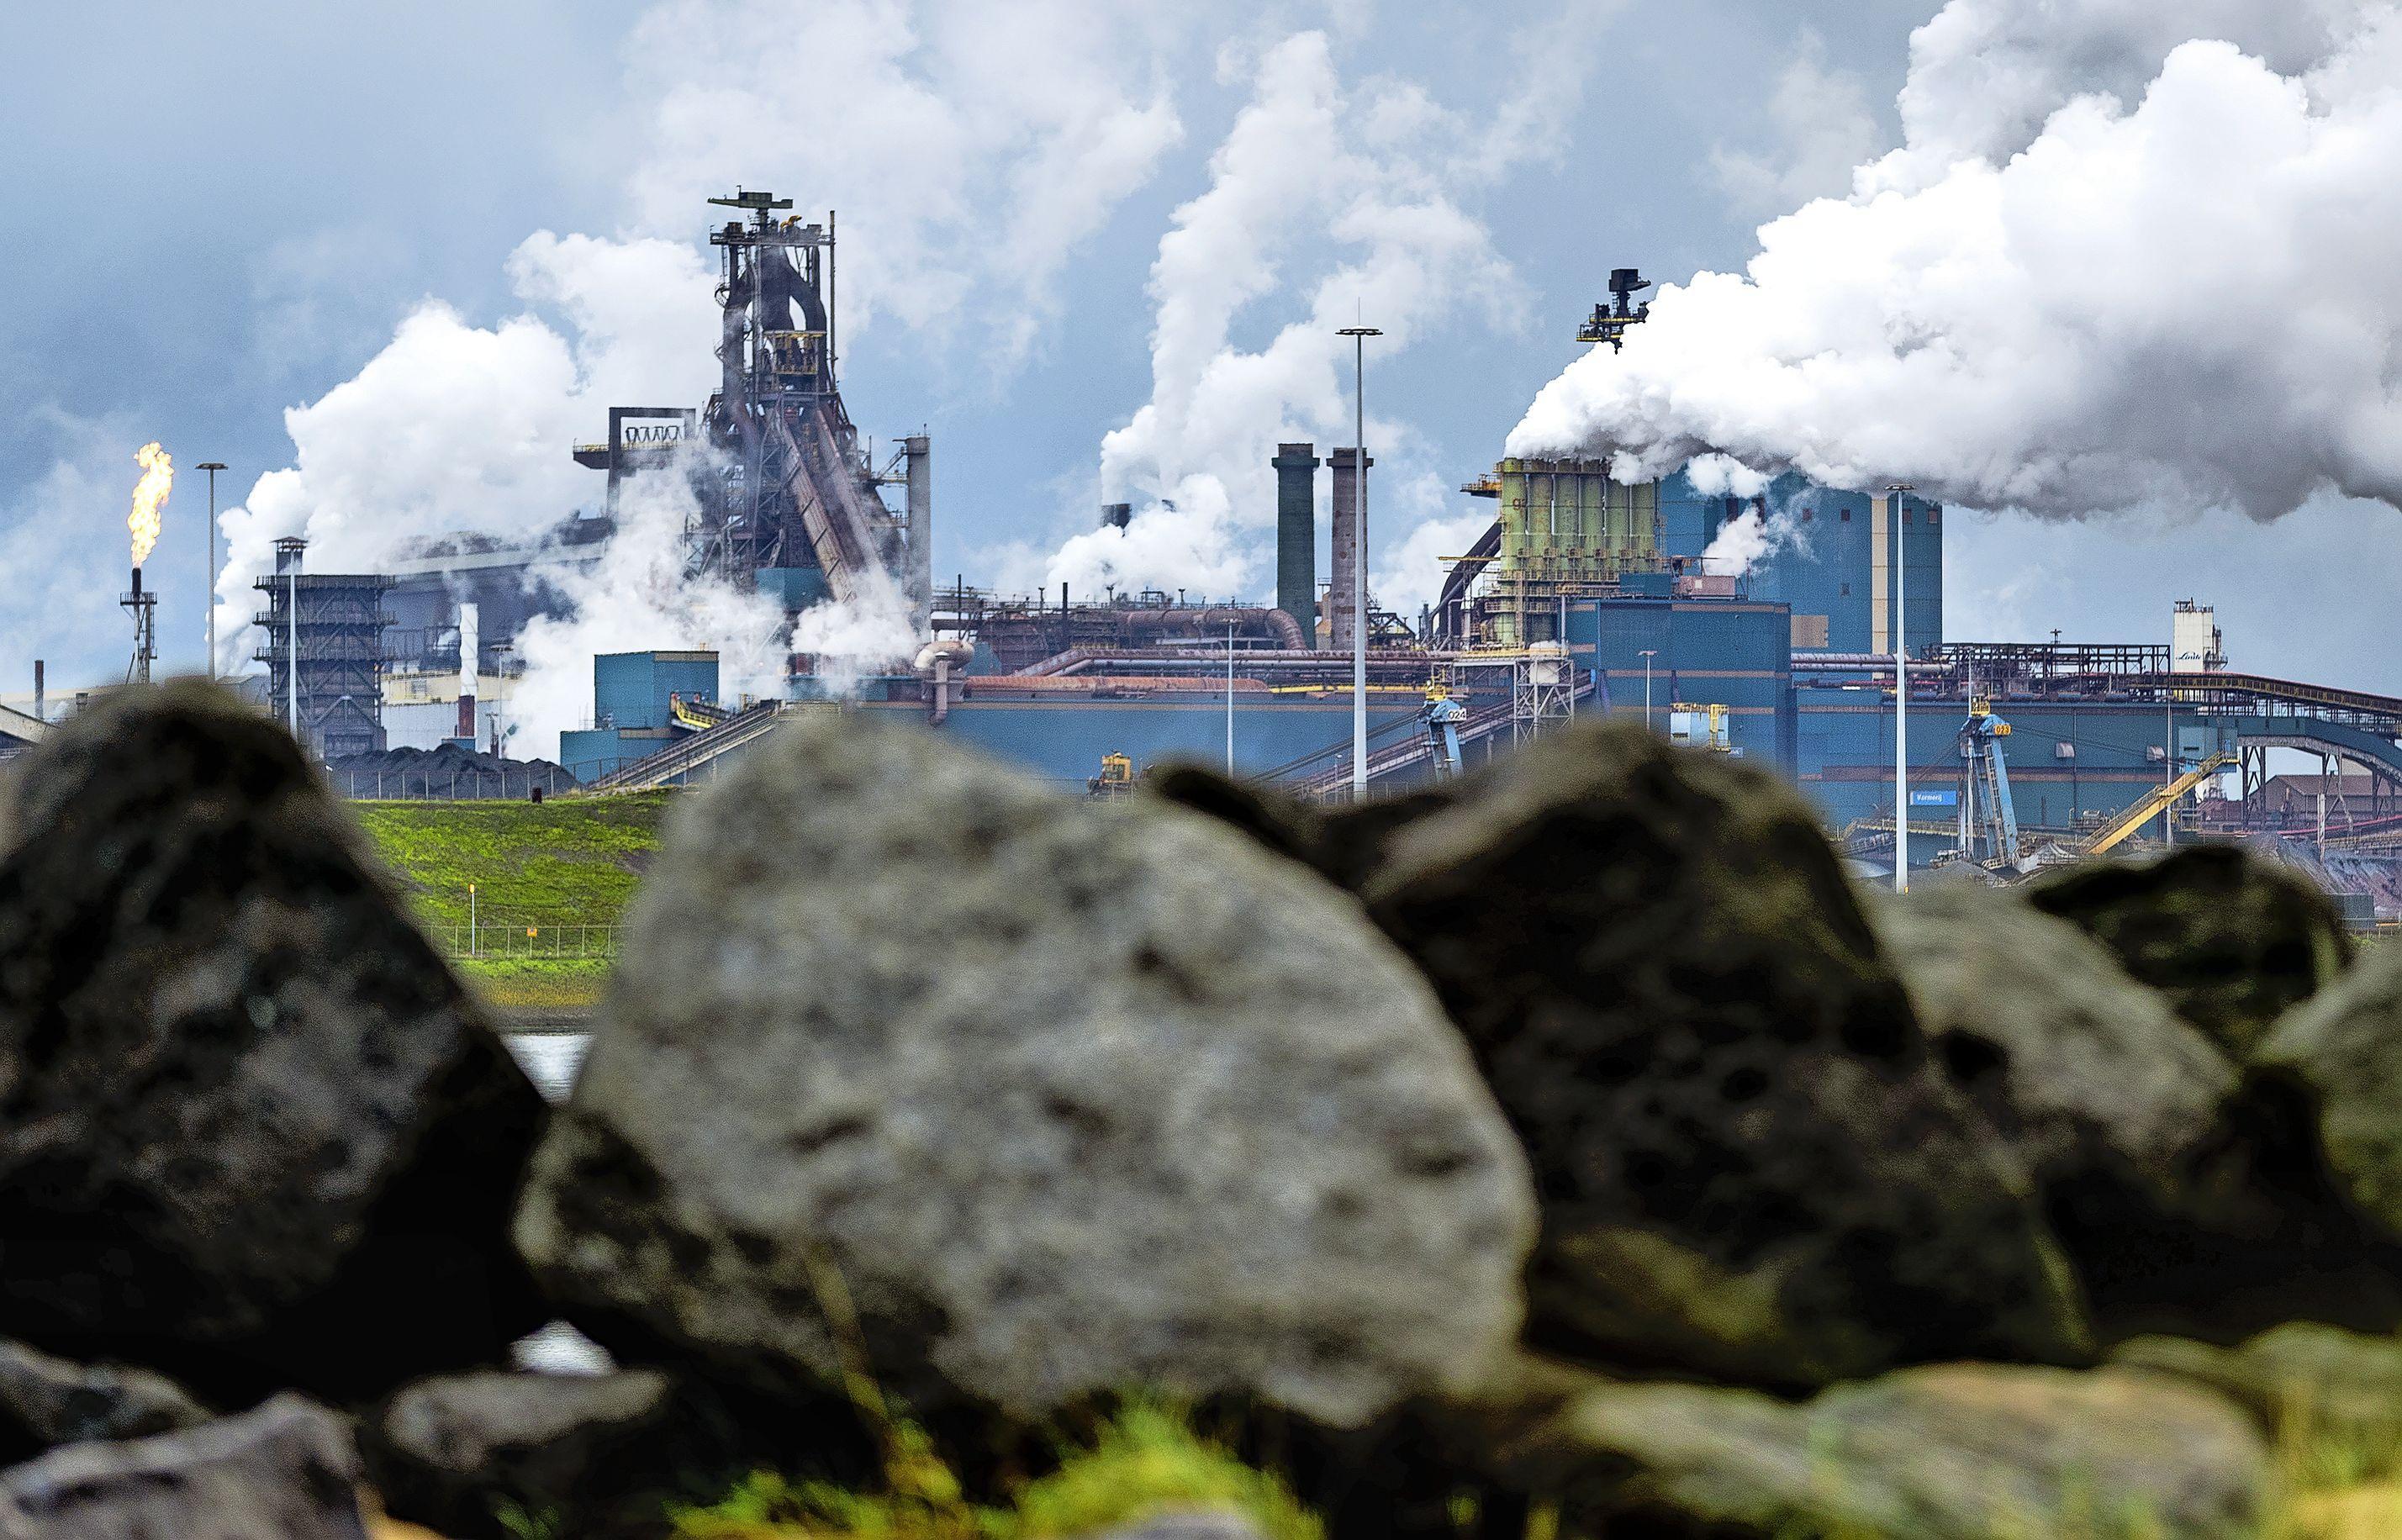 'Versnelling' milieumaatregelen Tata Steel ontmoet scepsis bij omwonenden, cijfers zijn te mooi. 85% minder stank in twee jaar: 'Daar geloof ik geen bal van'